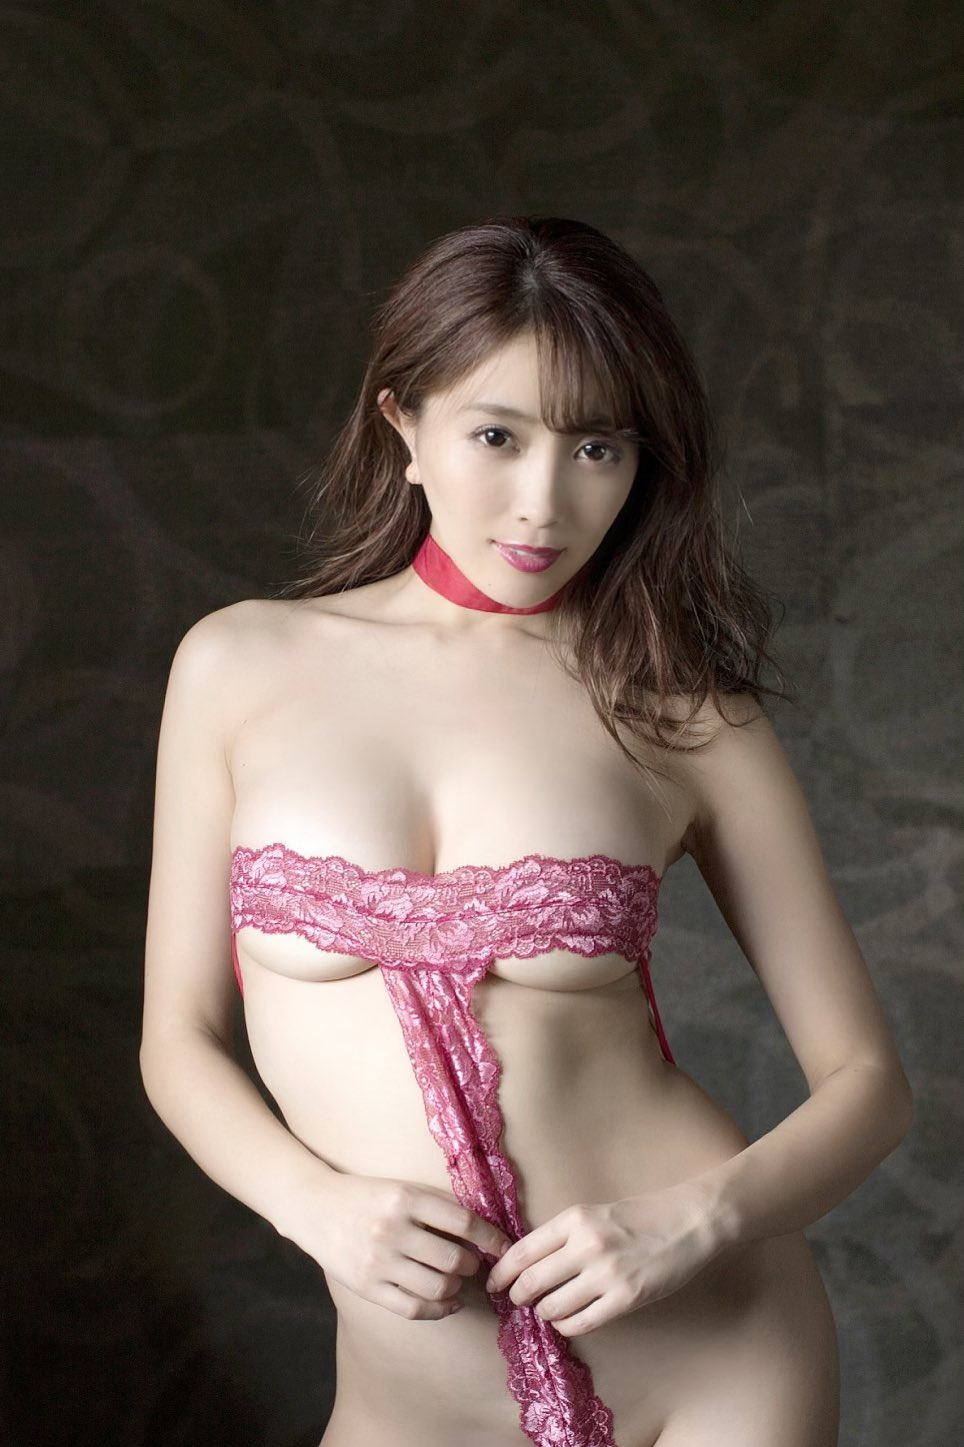 一流グラドル森咲智美さん、チクビをポロしてた事が発覚wwwww(画像あり)・25枚目